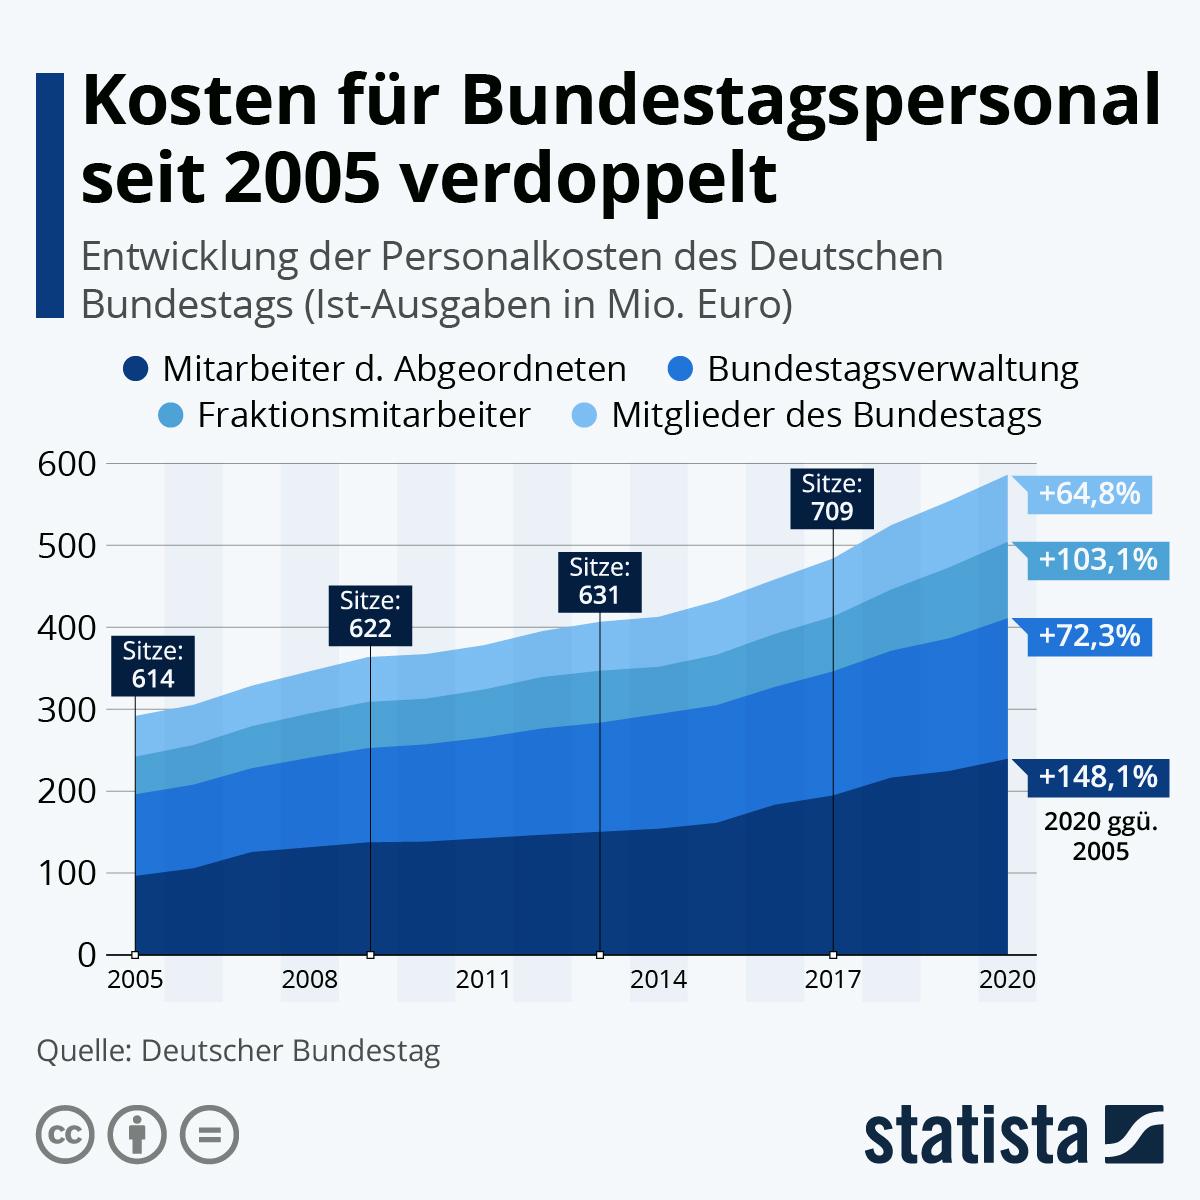 Infografik: Kosten für Bundestagspersonal seit 2005 verdoppelt | Statista